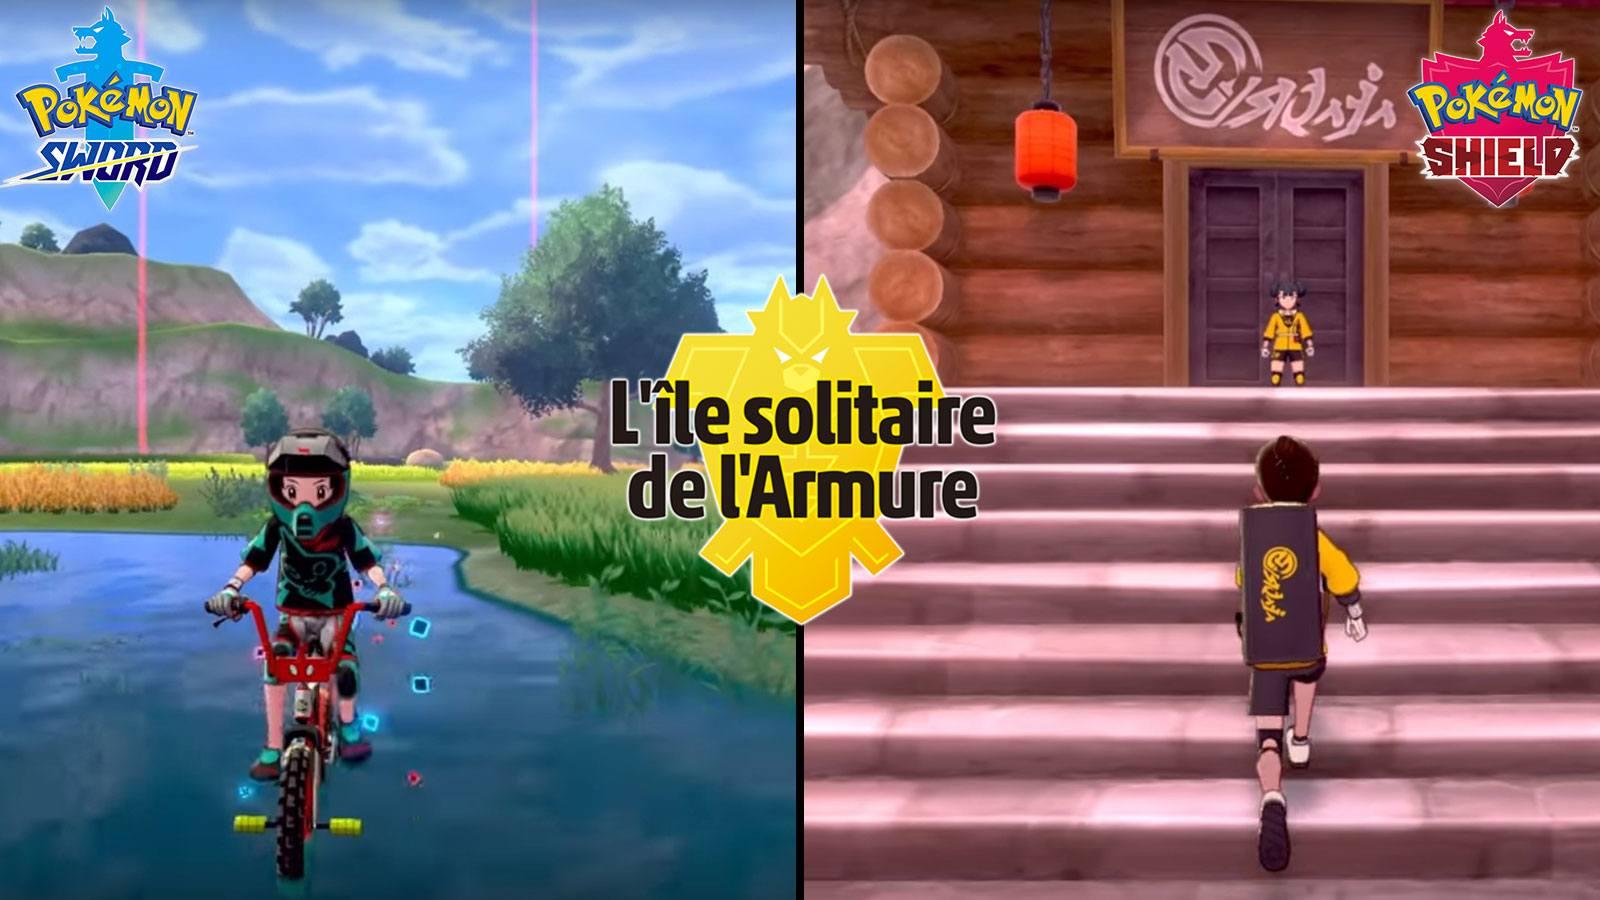 lieux carte ile solitaire de l'armure pokémon épée bouclier game freak